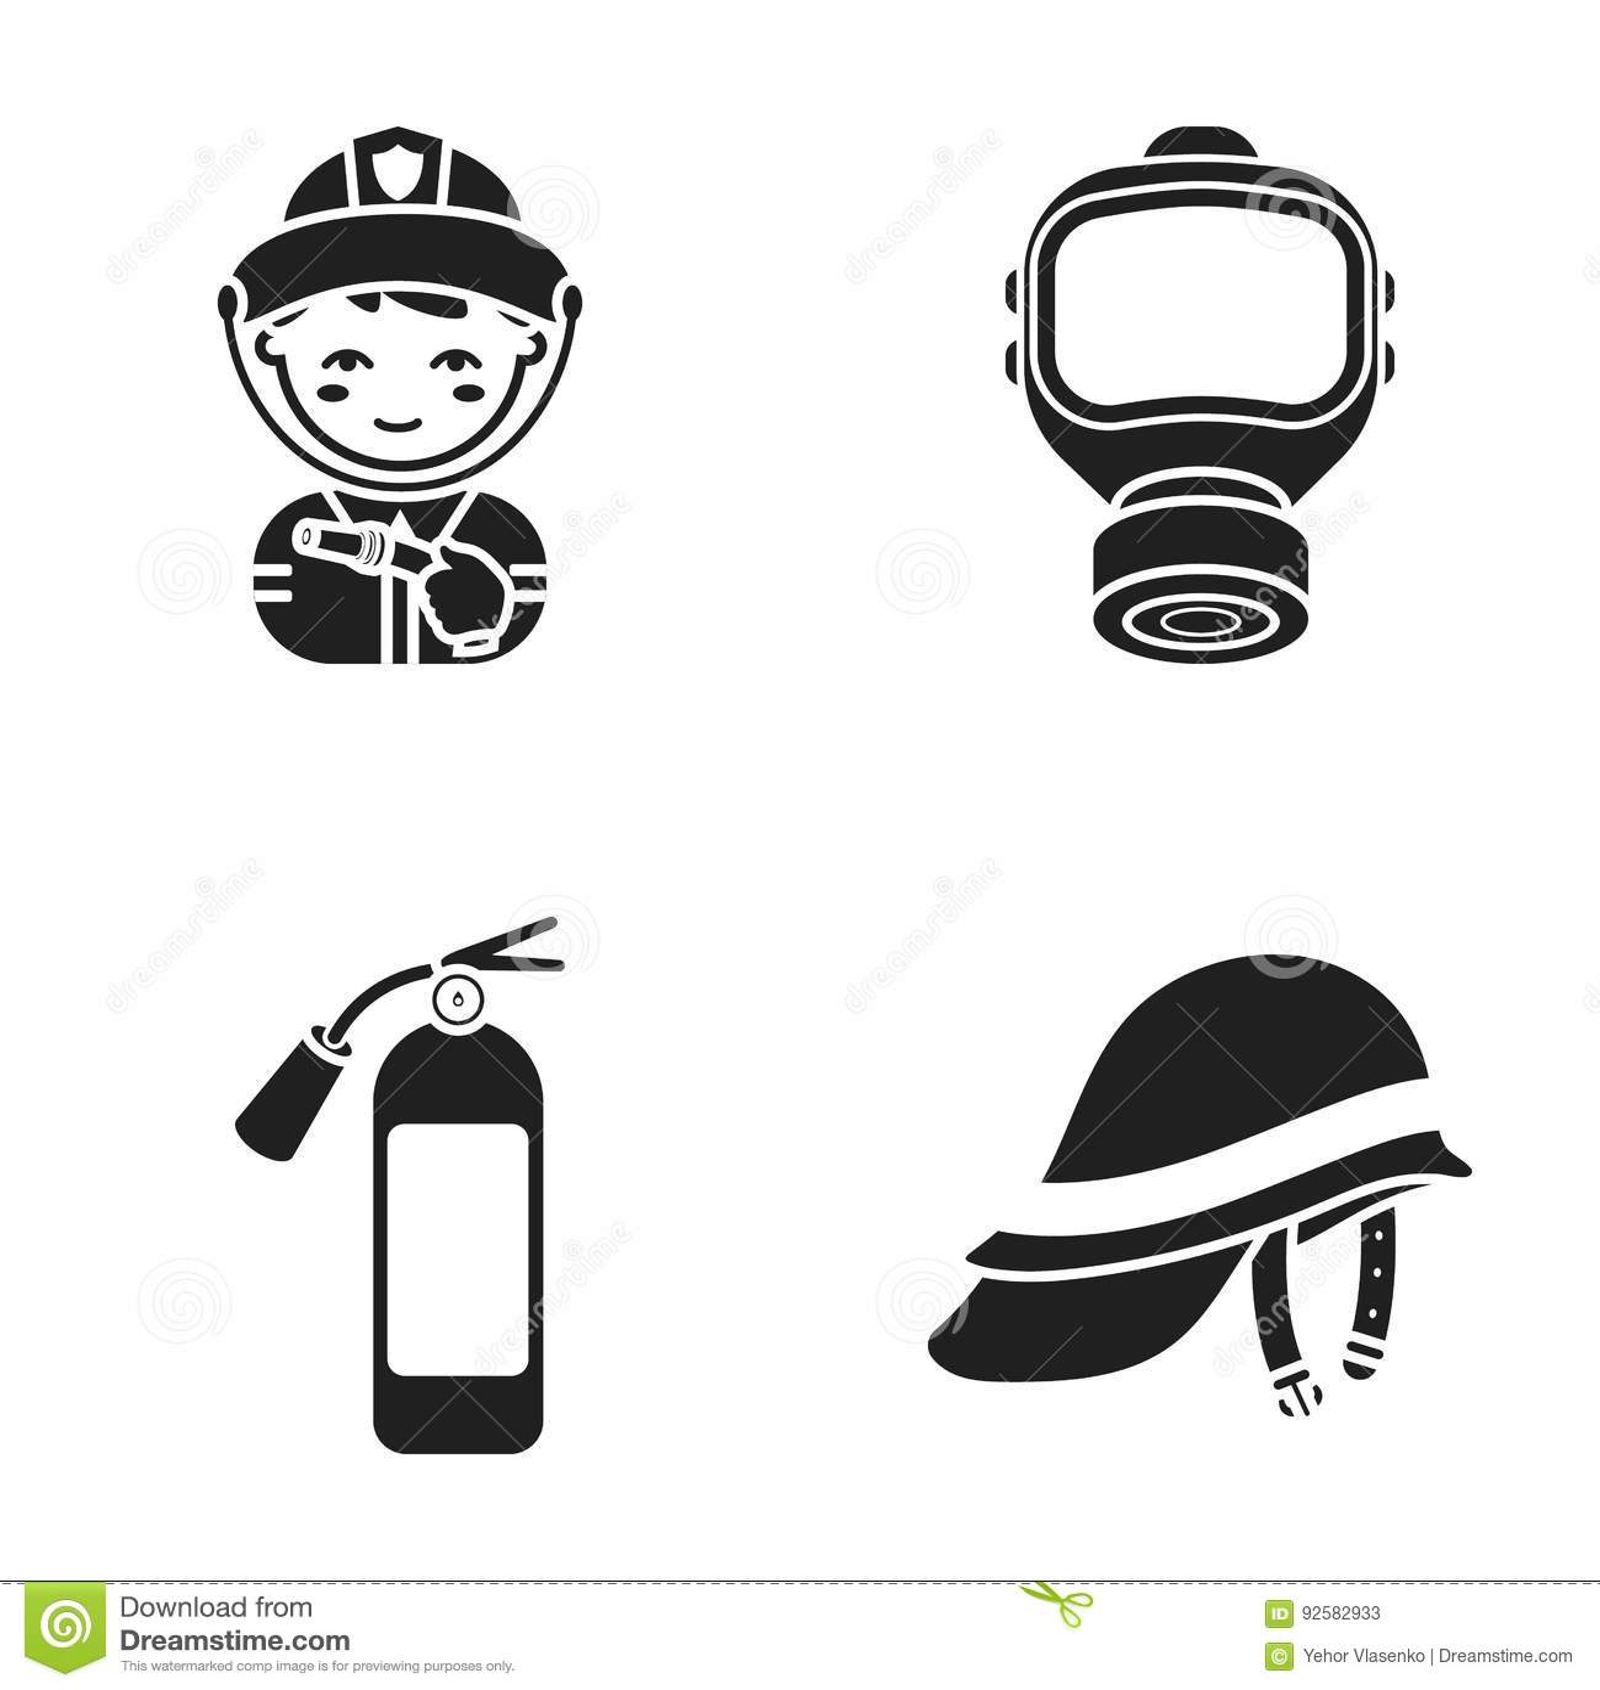 tool icons on white background stock photos